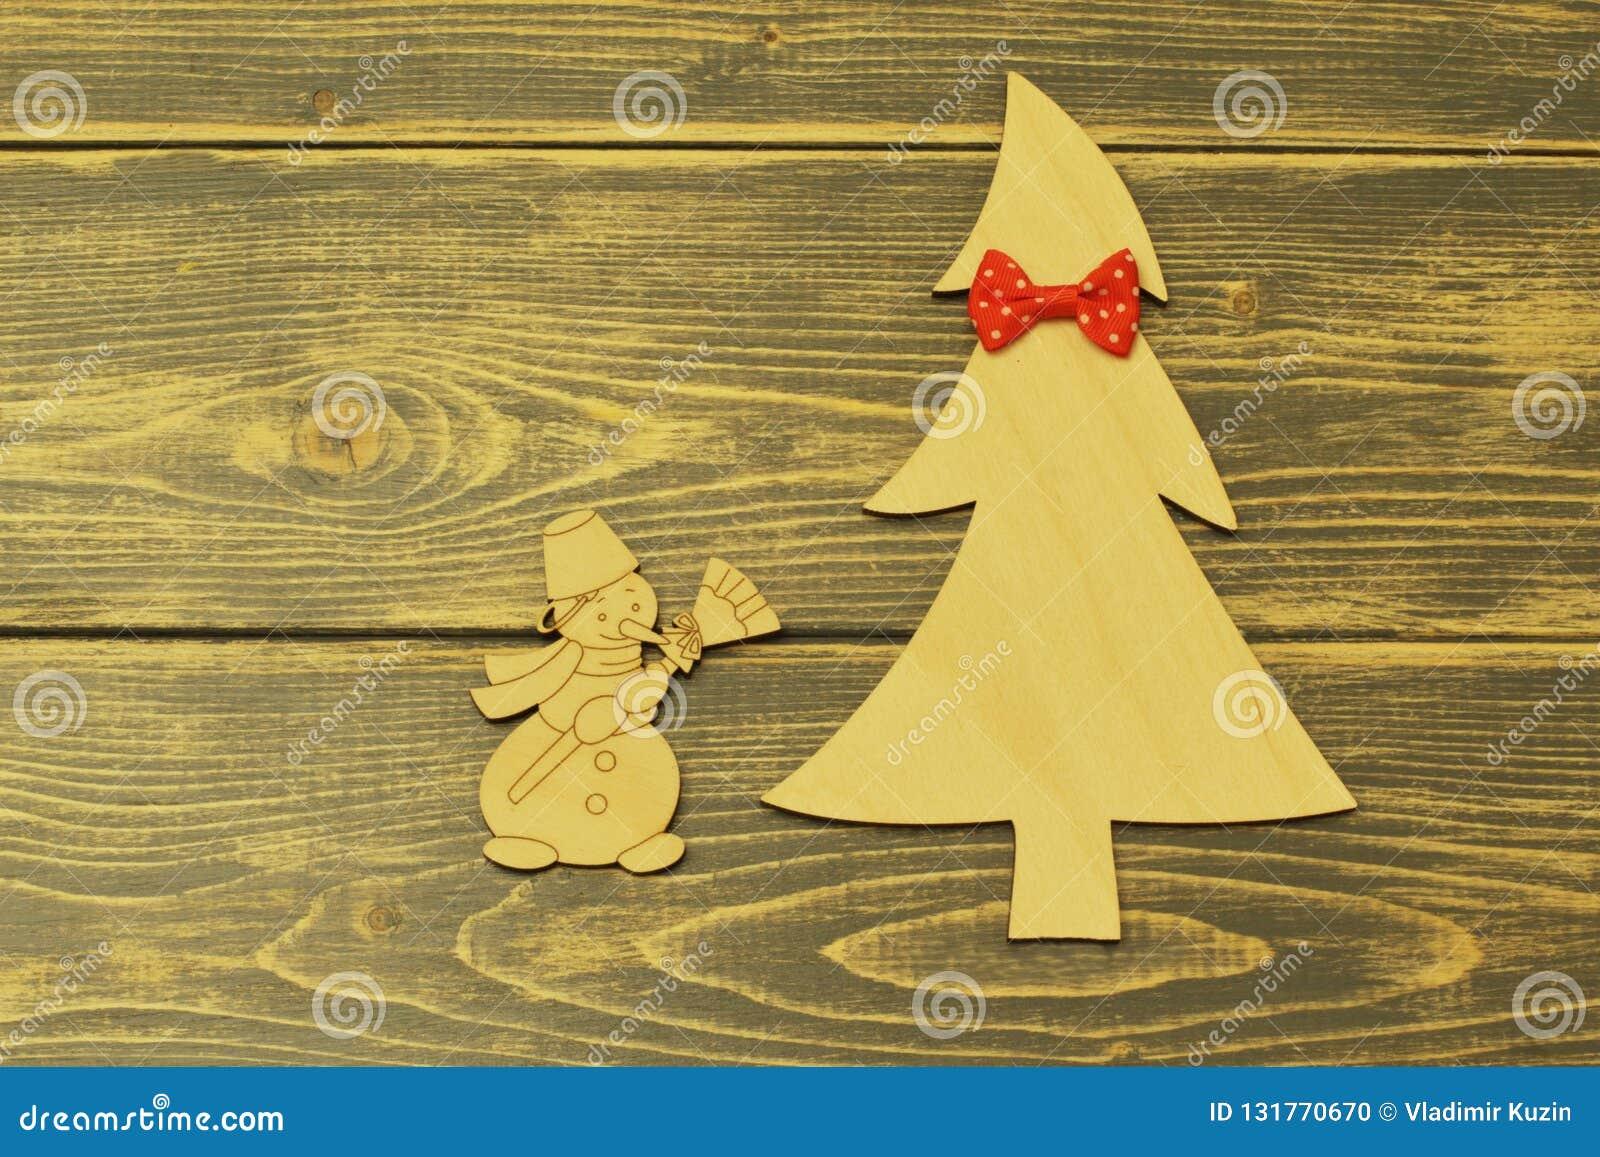 用红色蝶形领结和快乐的葡萄酒雪人装饰的木圣诞树与笤帚在老木黑暗的背景